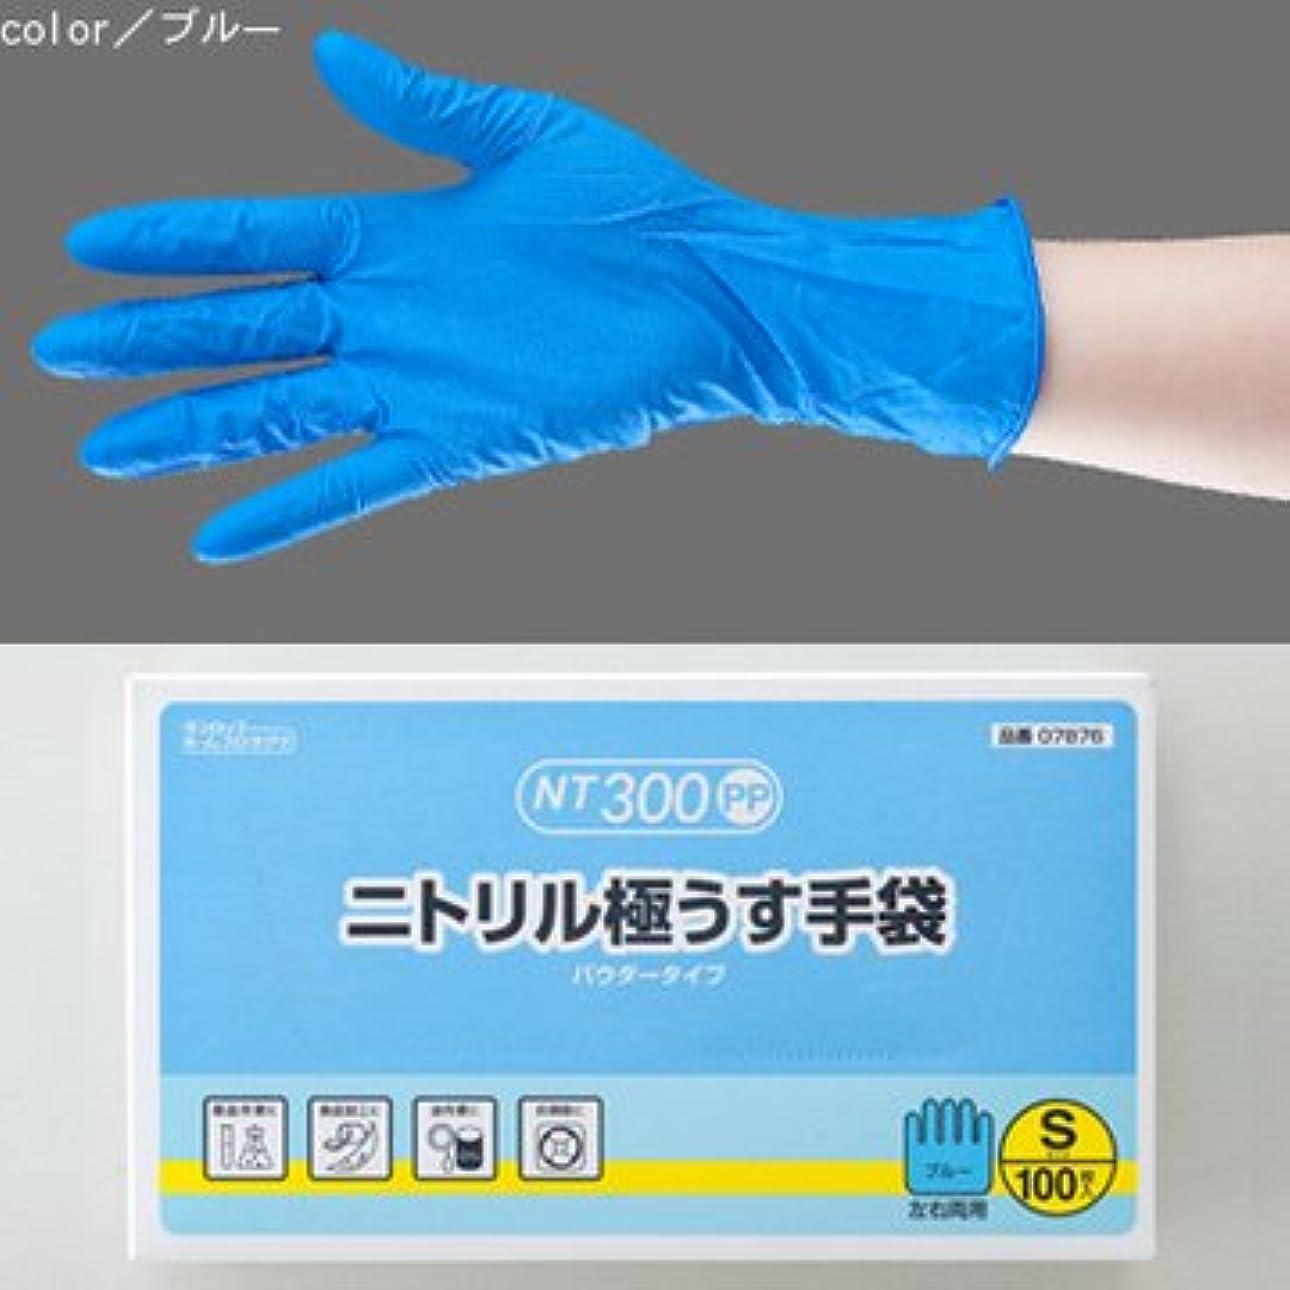 常習的休憩肺炎ニトリル極うす手袋 NT300PP 100枚入り (S)